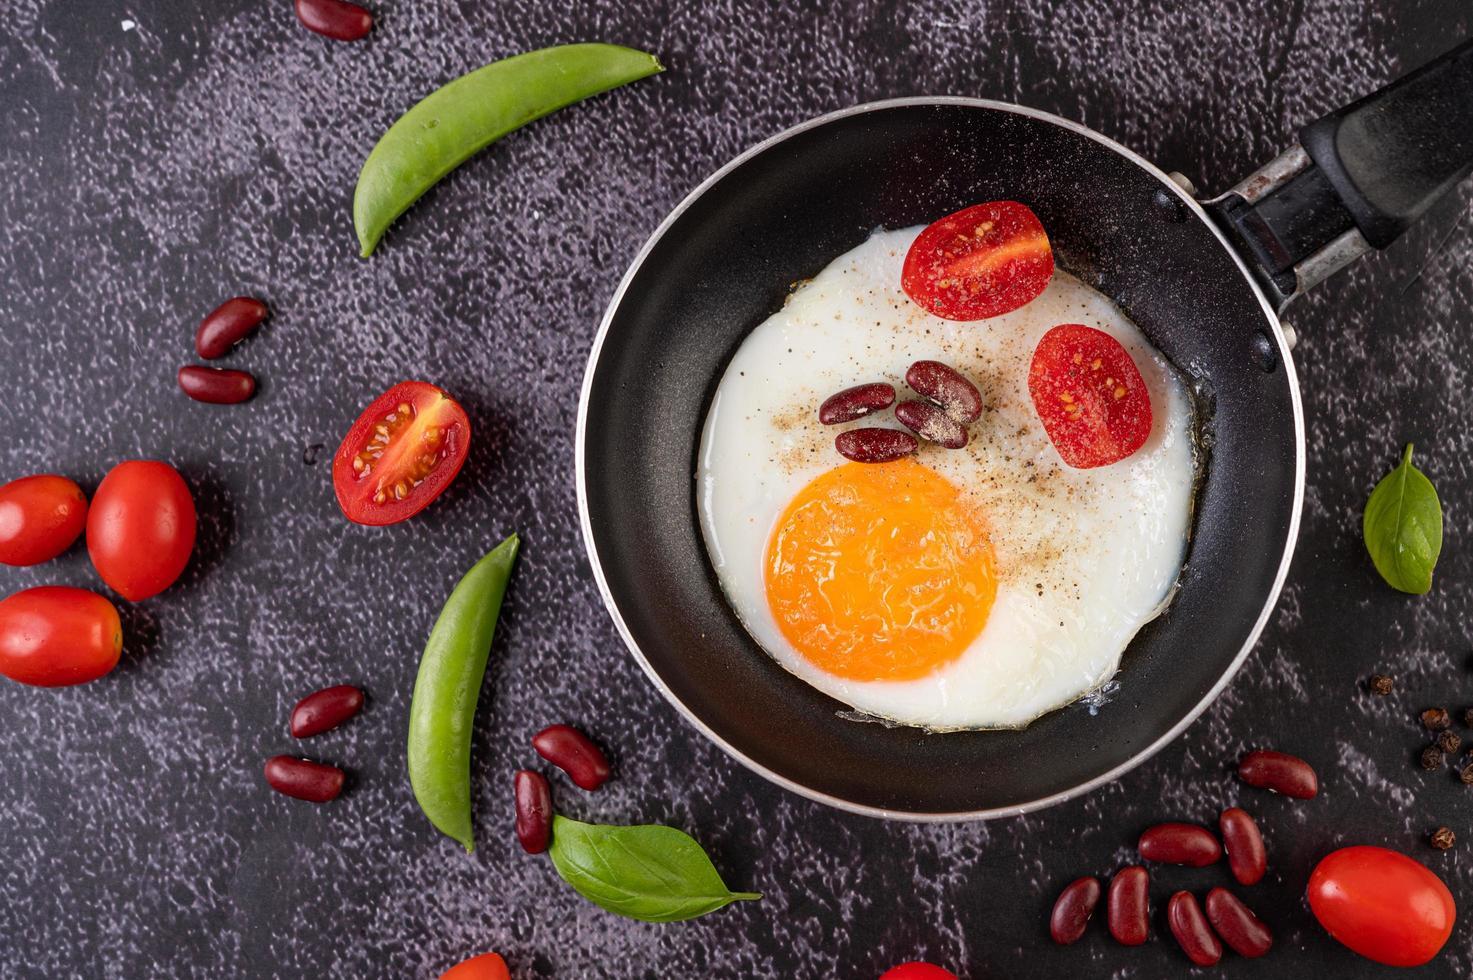 ovos fritos em uma frigideira foto